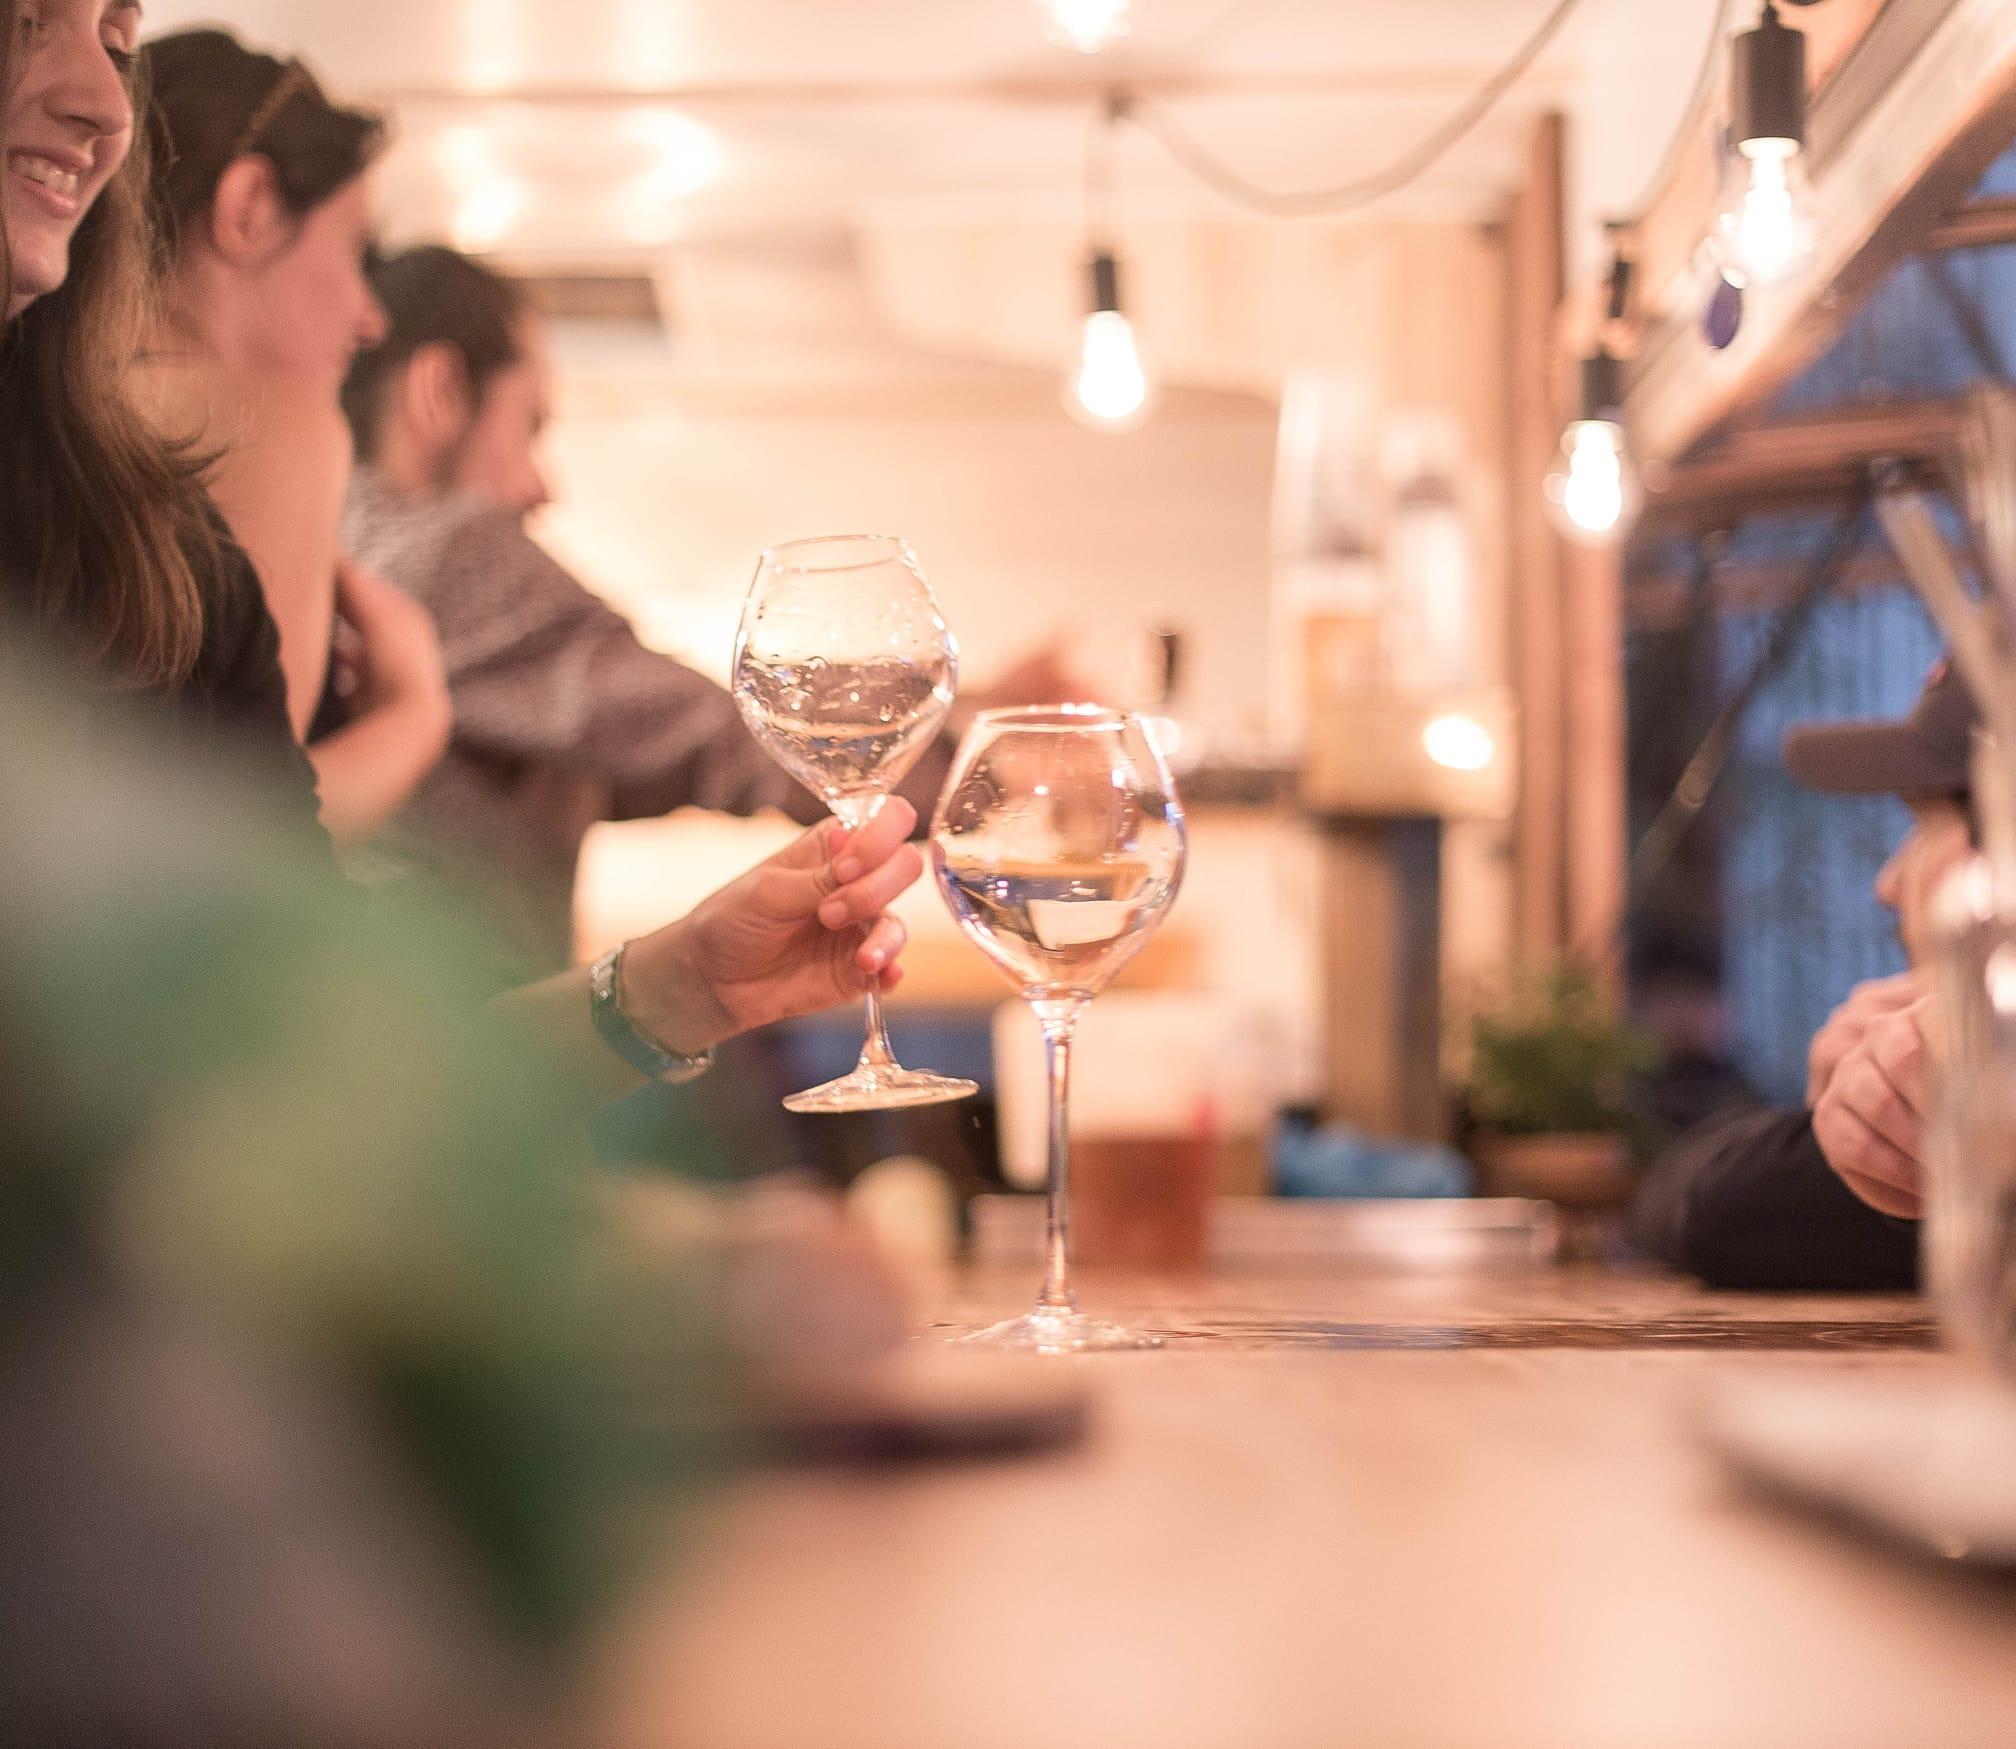 caravane bar mariage bar a cocktail rennes bretagne nantes vendee